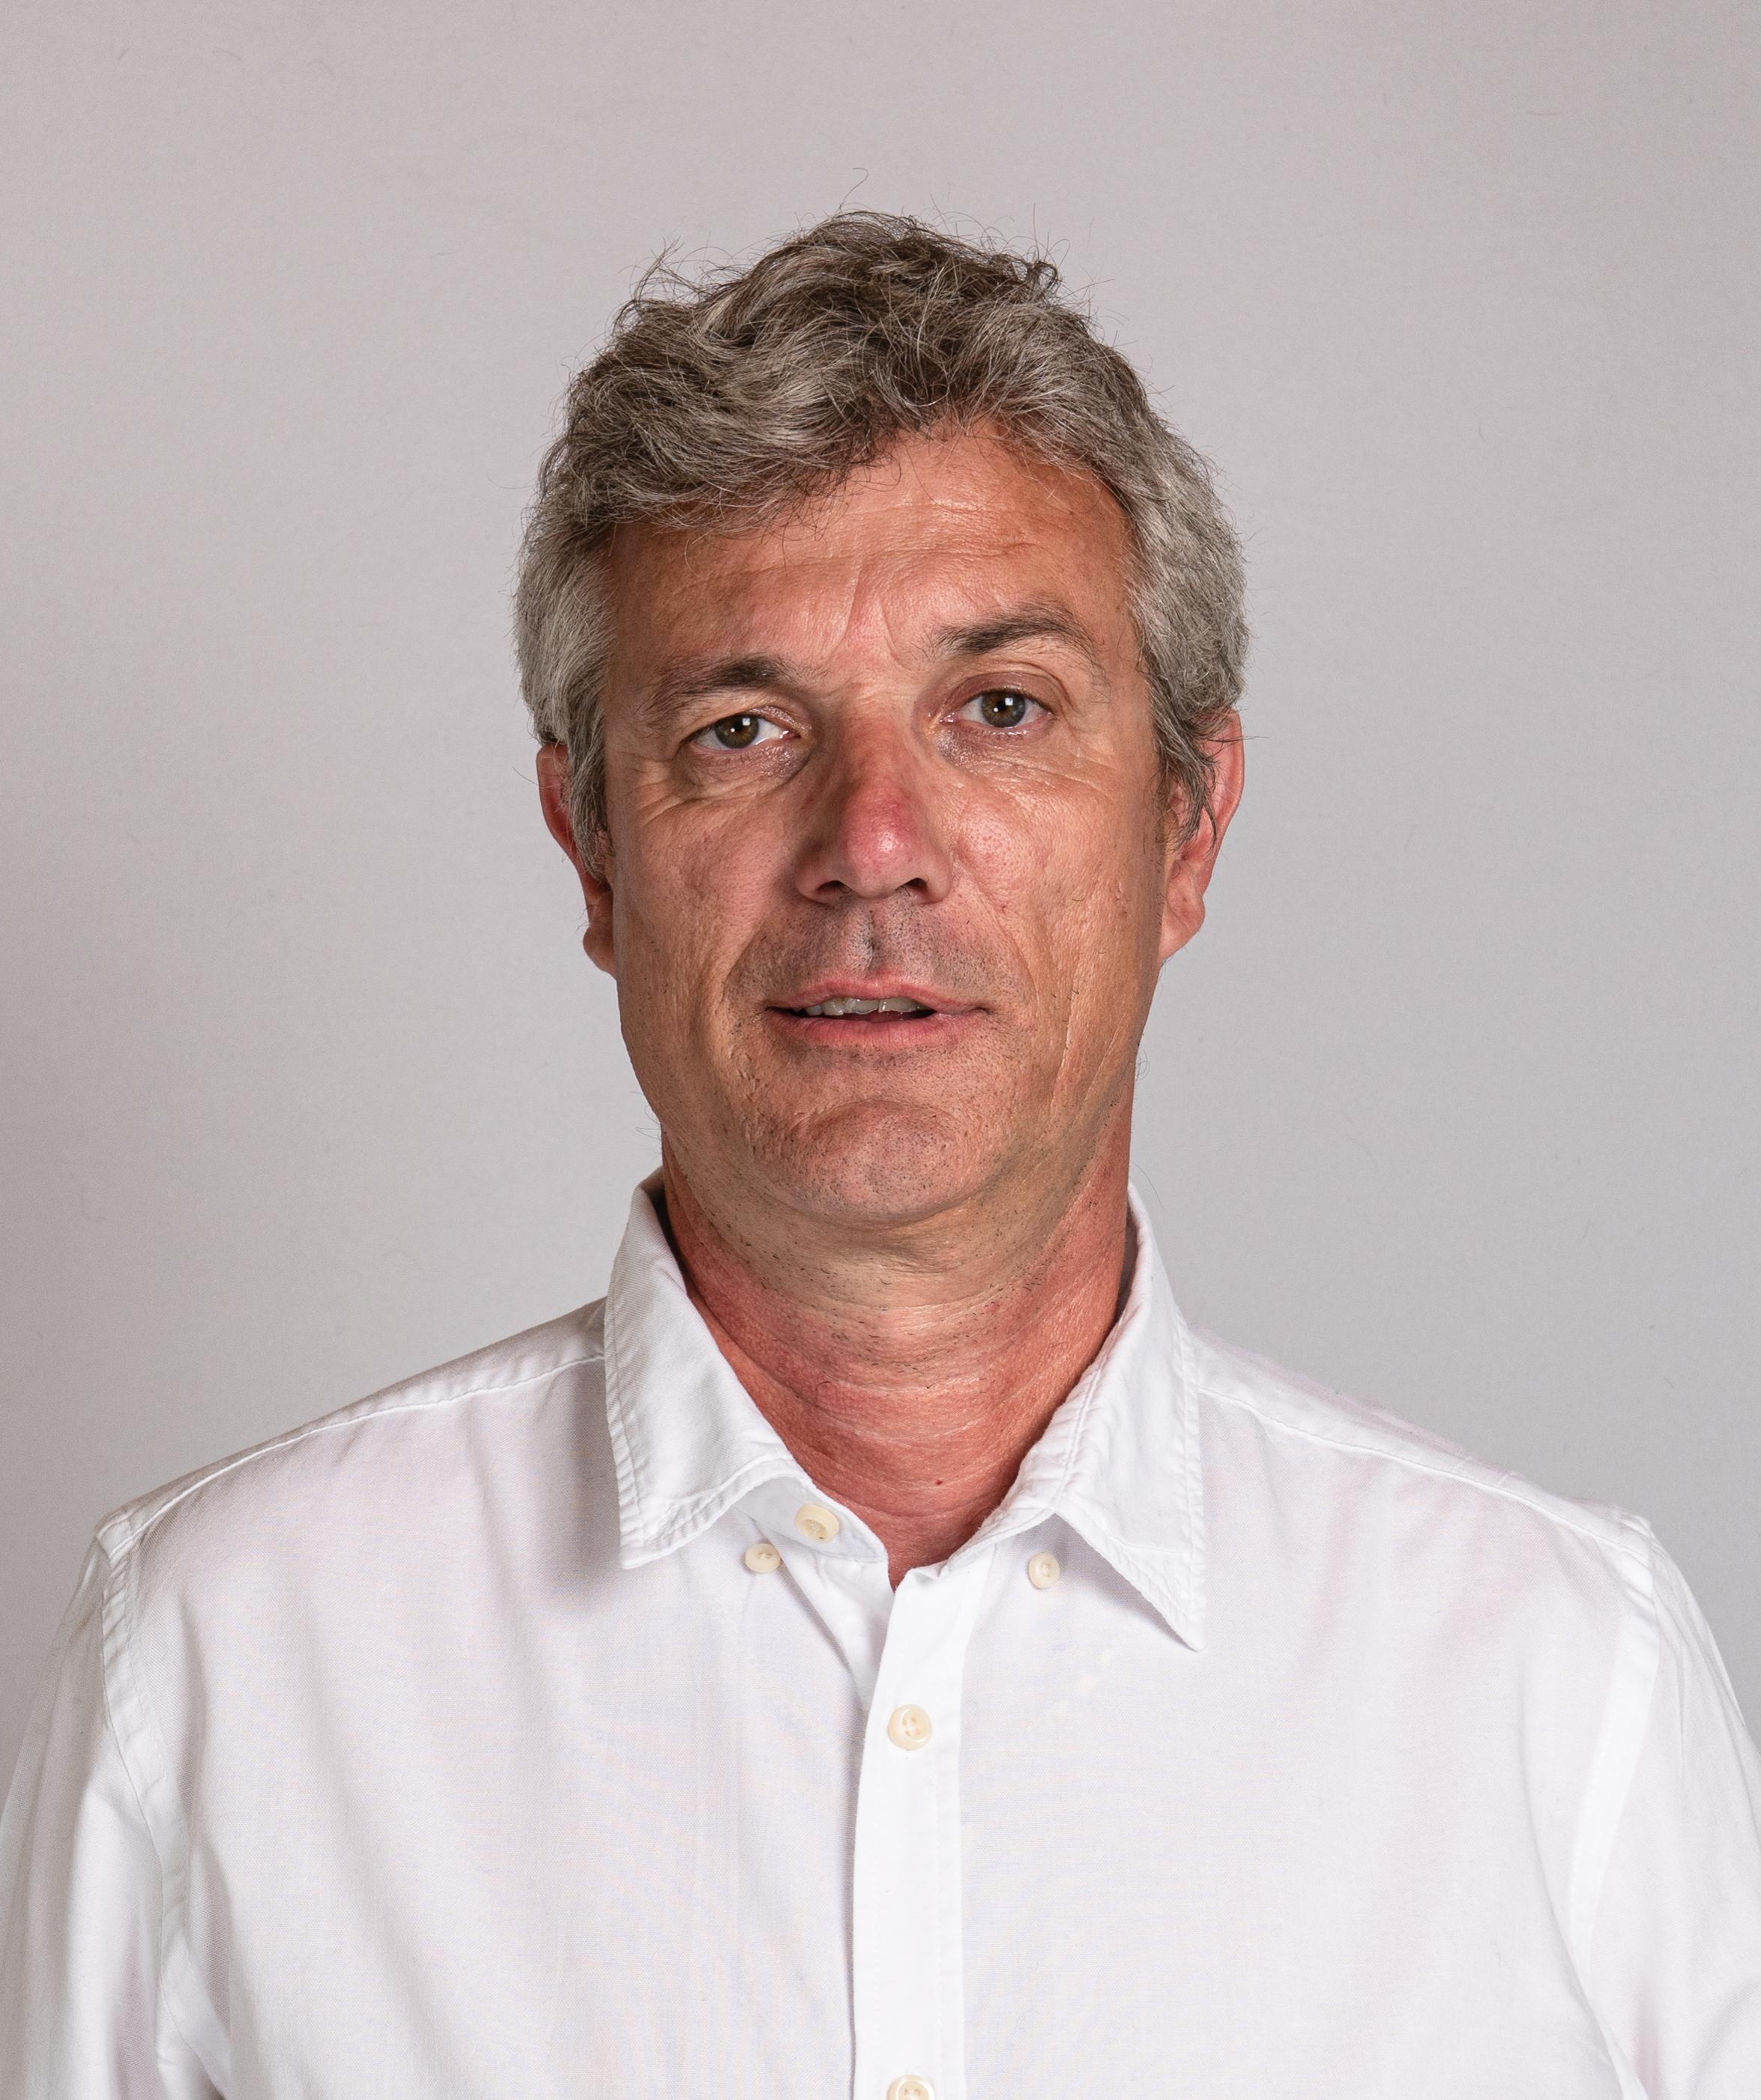 Christoph Hofer